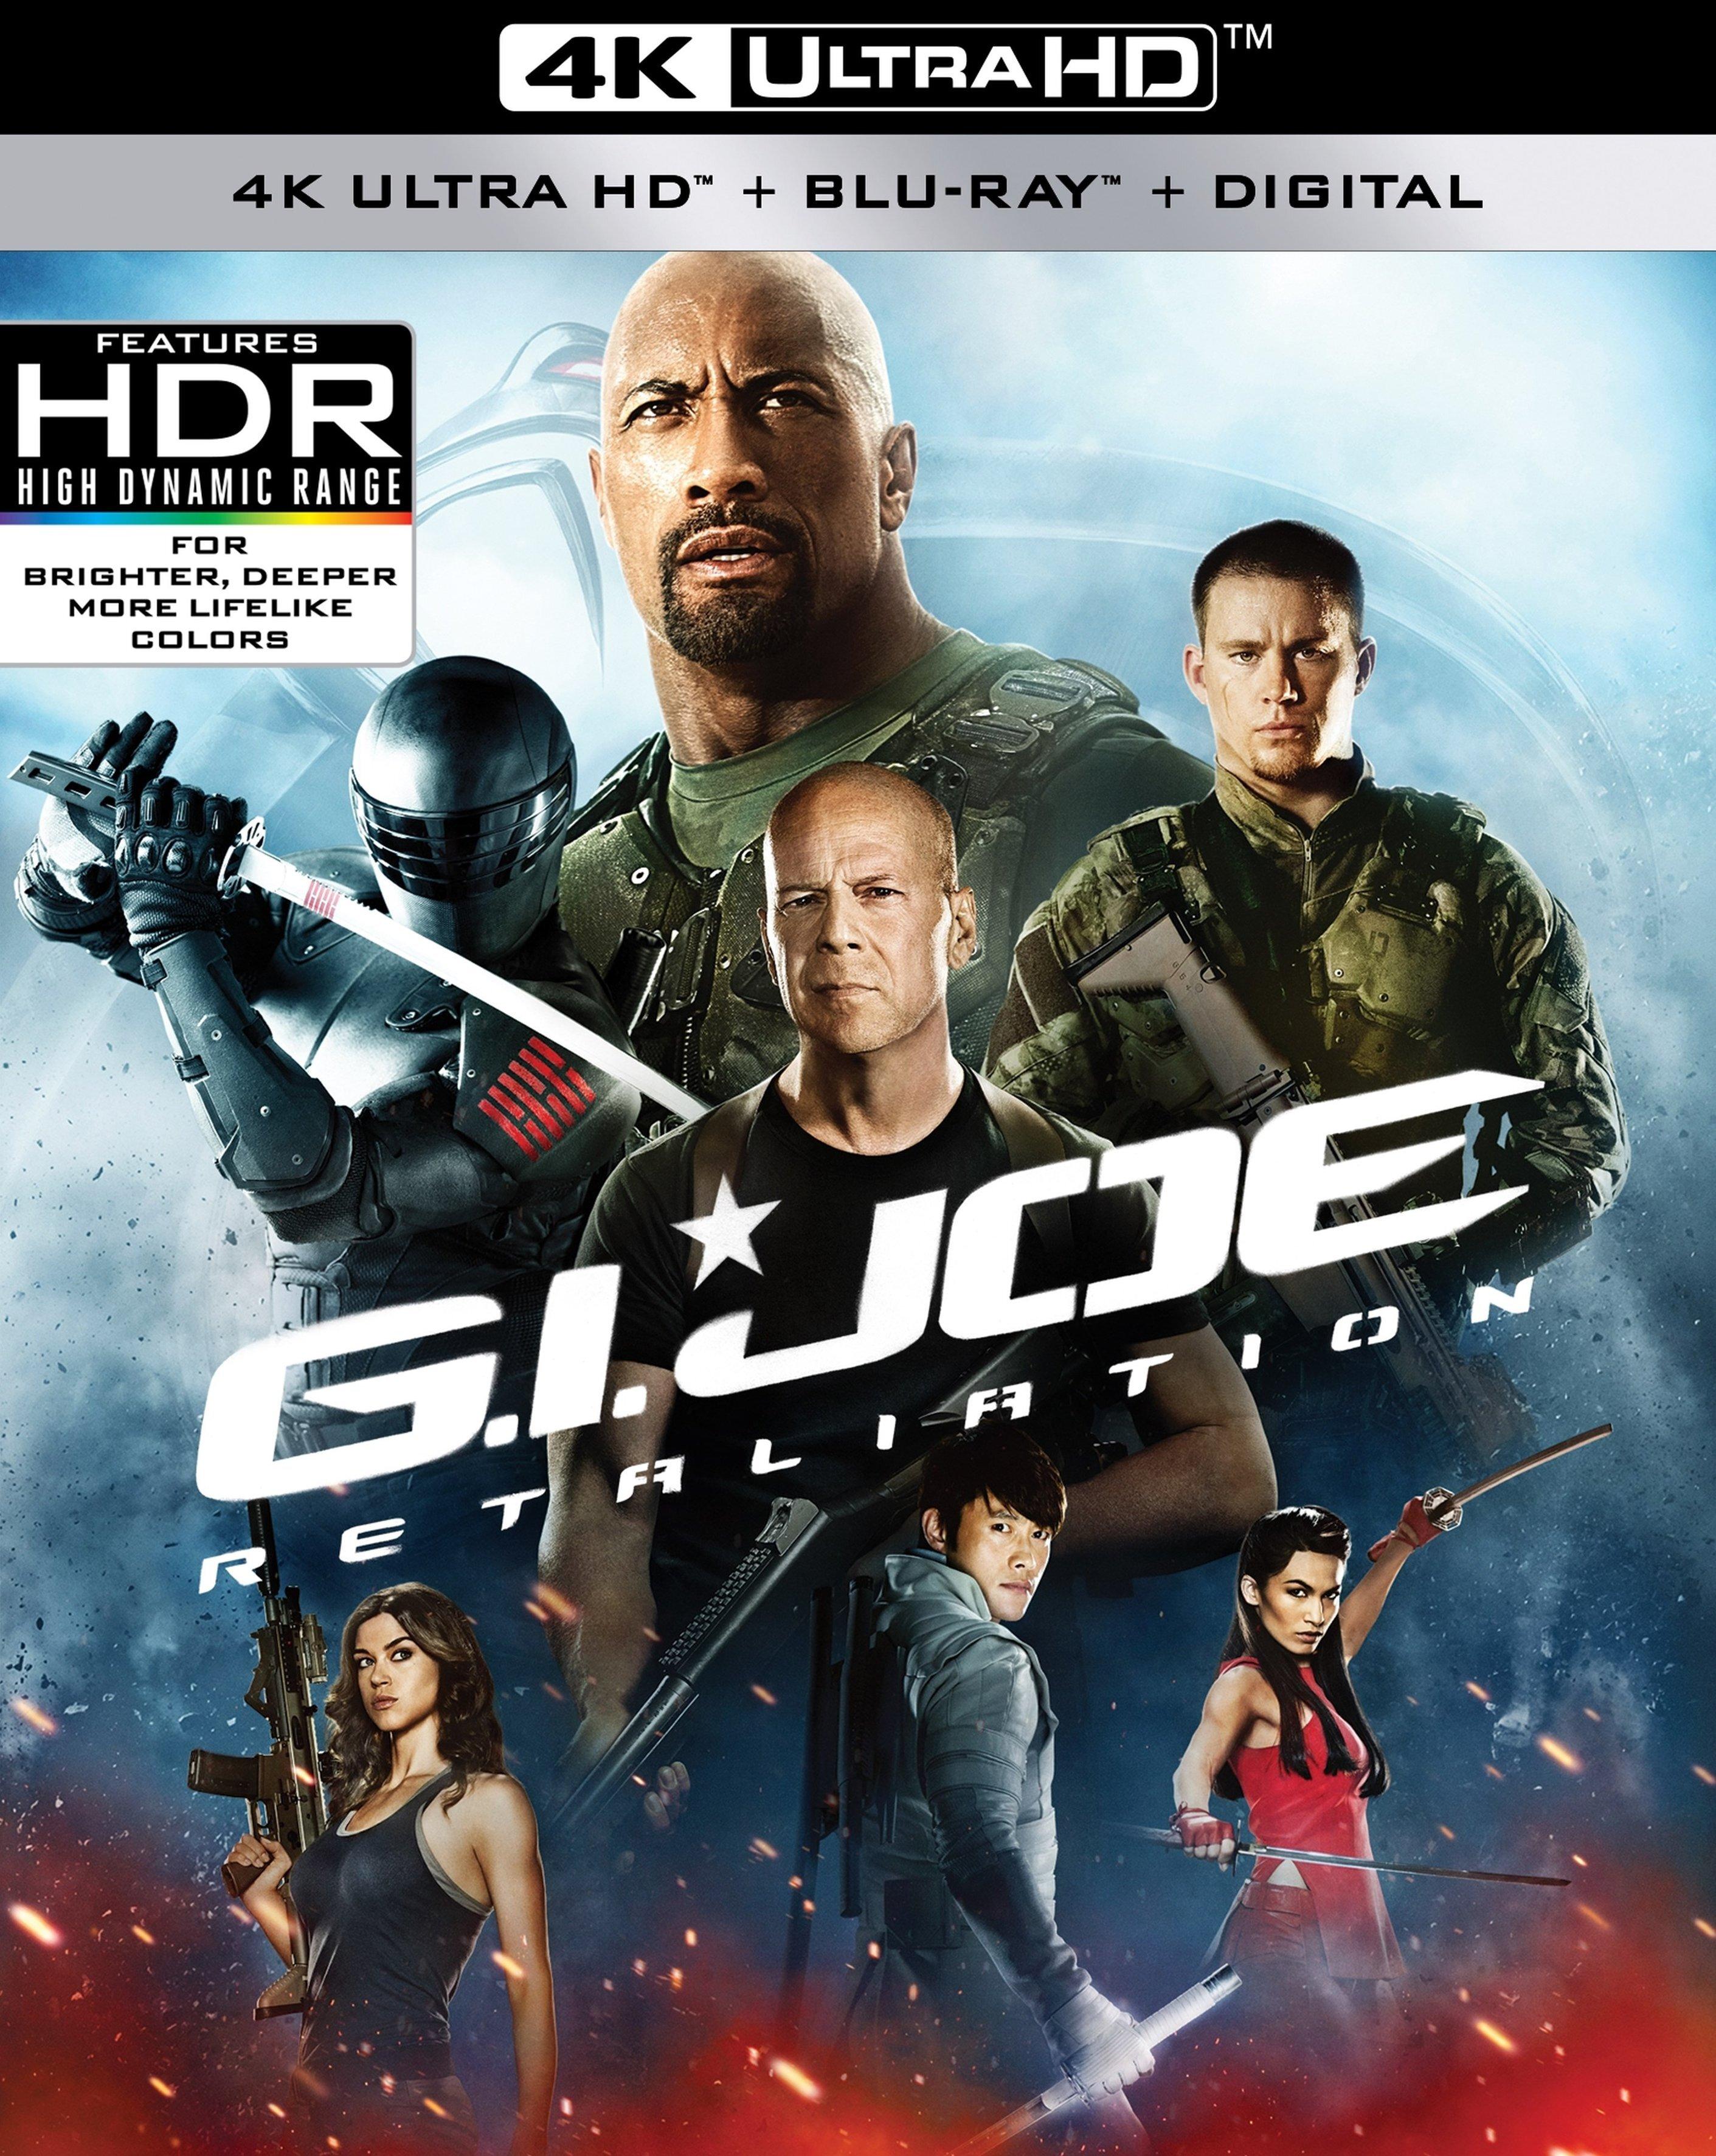 G.I. Joe 2: Retaliation 4K (2013) Ultra HD Blu-ray